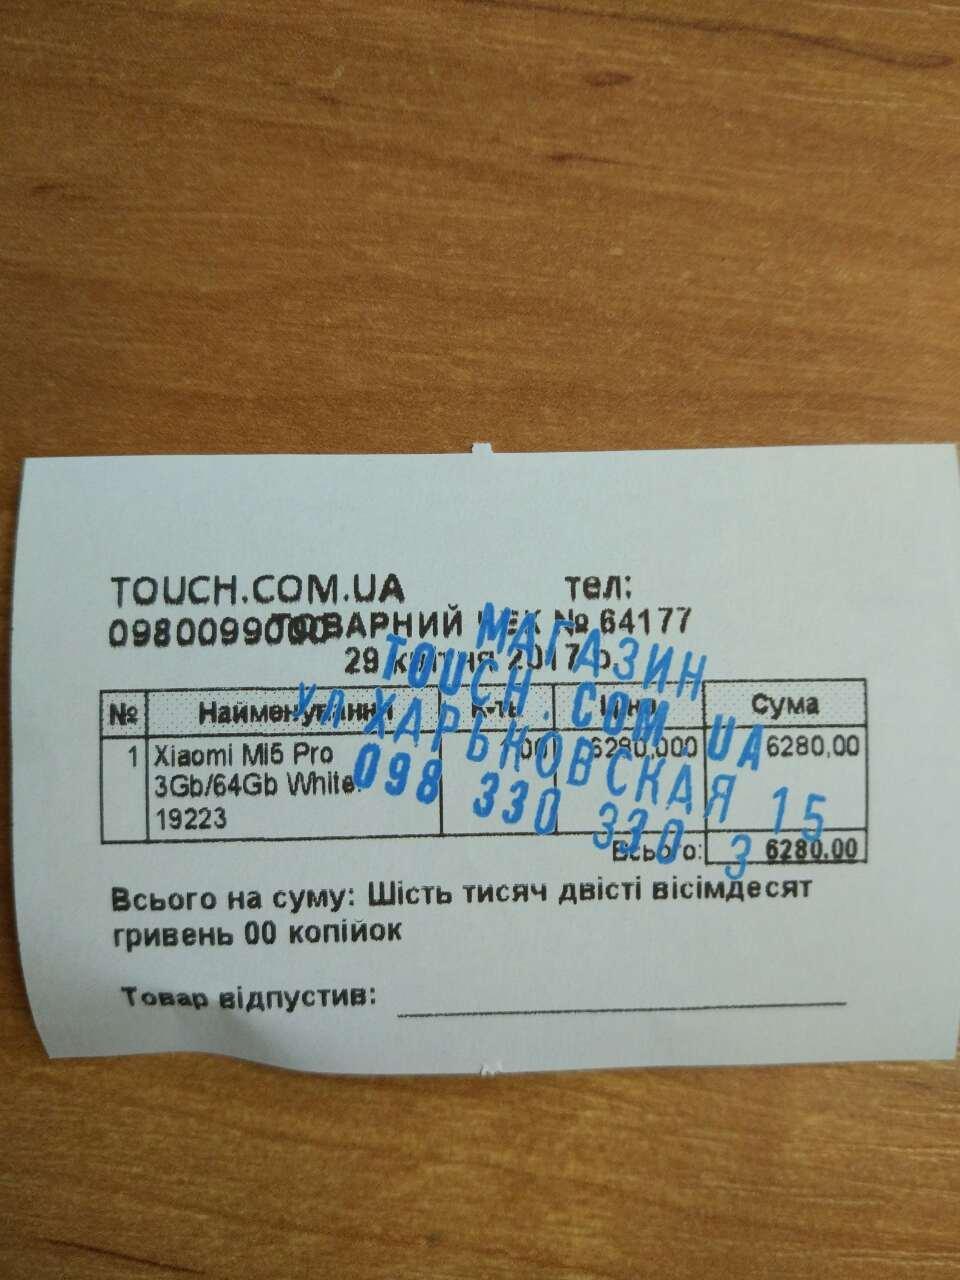 touch.com.ua - Отличный магазин. Рекомендую!